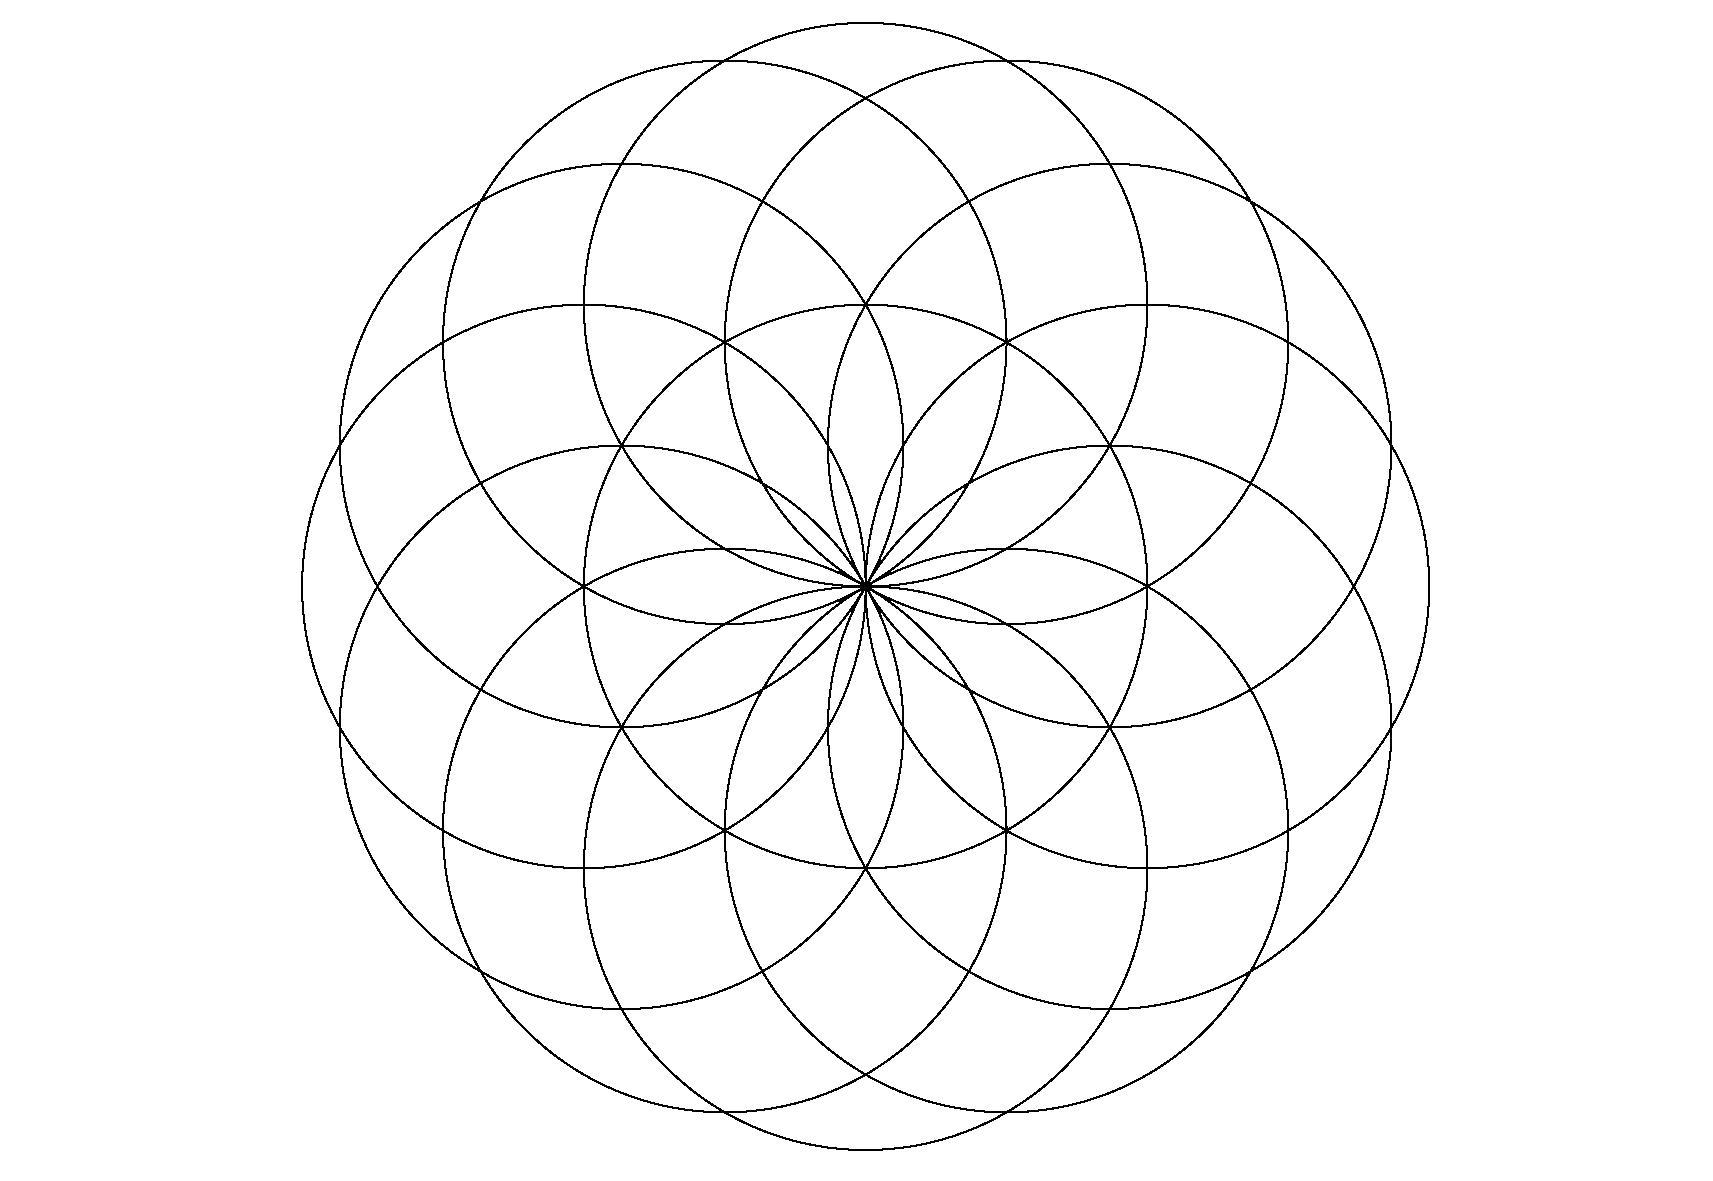 Раскраска Узоры. Скачать круг.  Распечатать геометрические фигуры